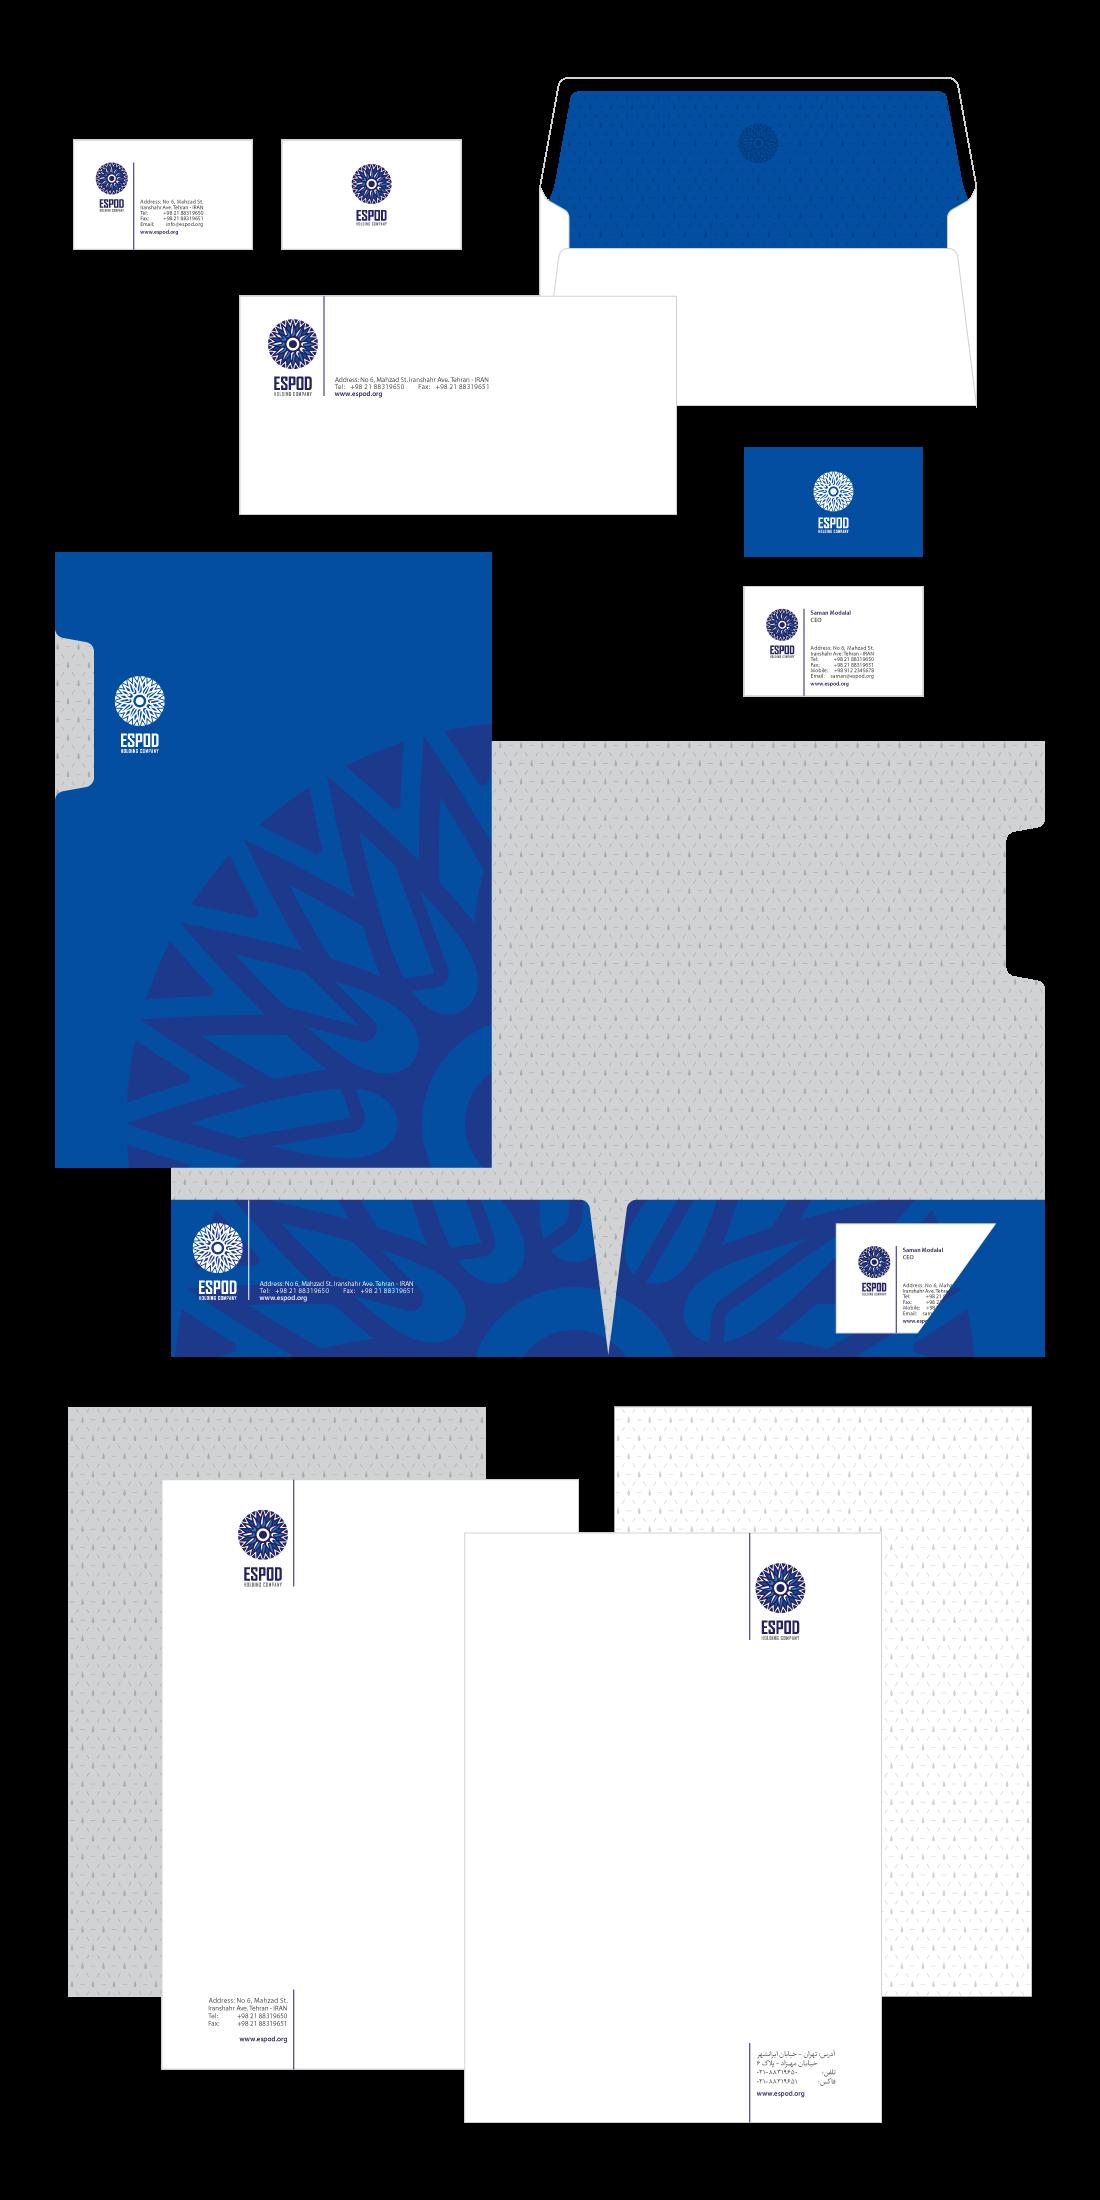 007 - طراحی برند | راهنمای طراحی هویت بصری برند